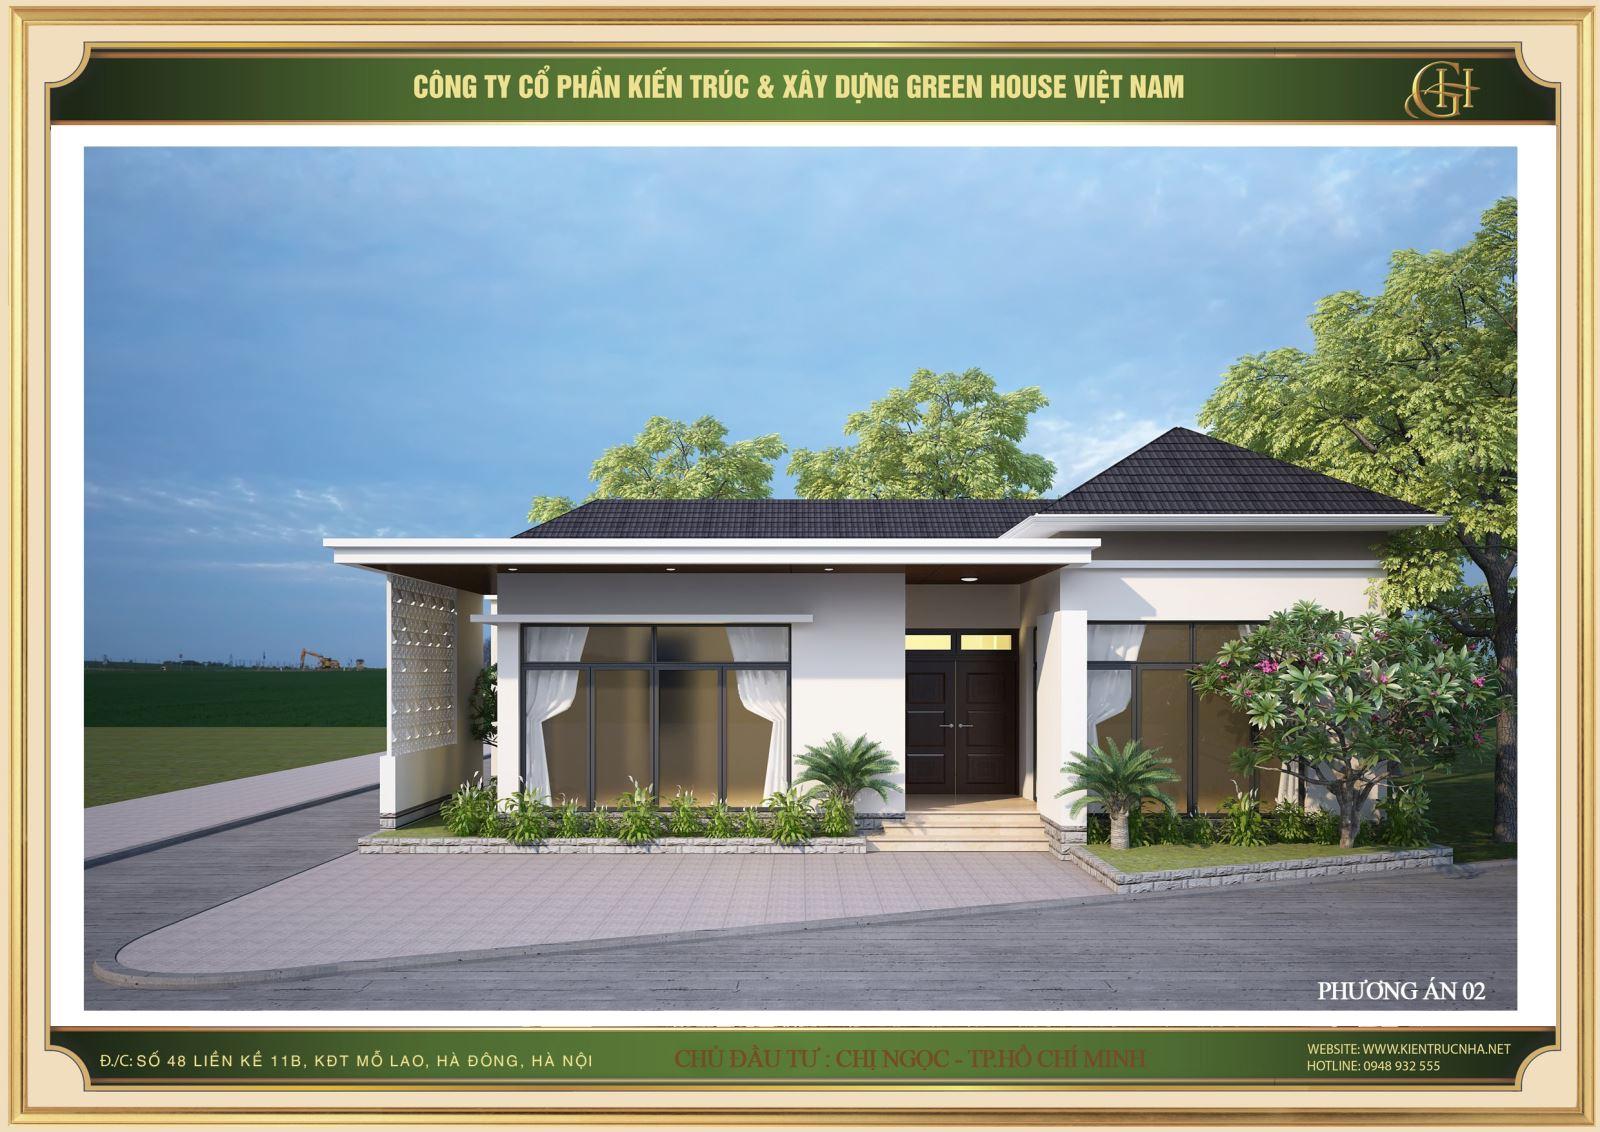 Green House Việt Nam mang tới cho khách hàng những công trình biệt thự hiện đại chất lượng hàng đầu